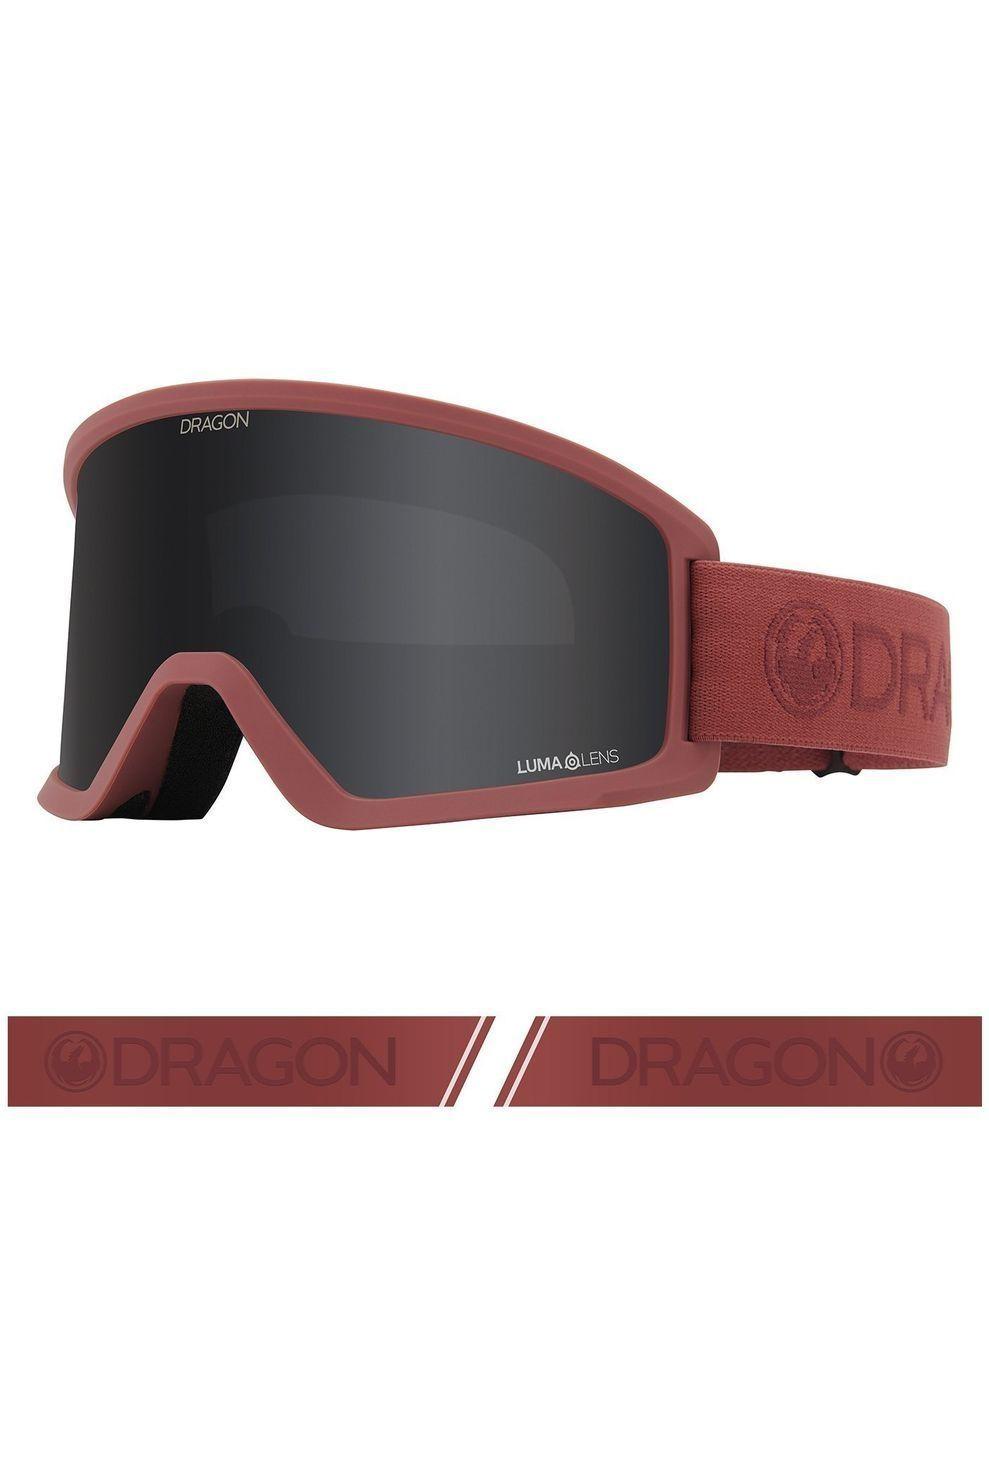 Dragon Skibril Dx3 voor heren Rood-Grijs